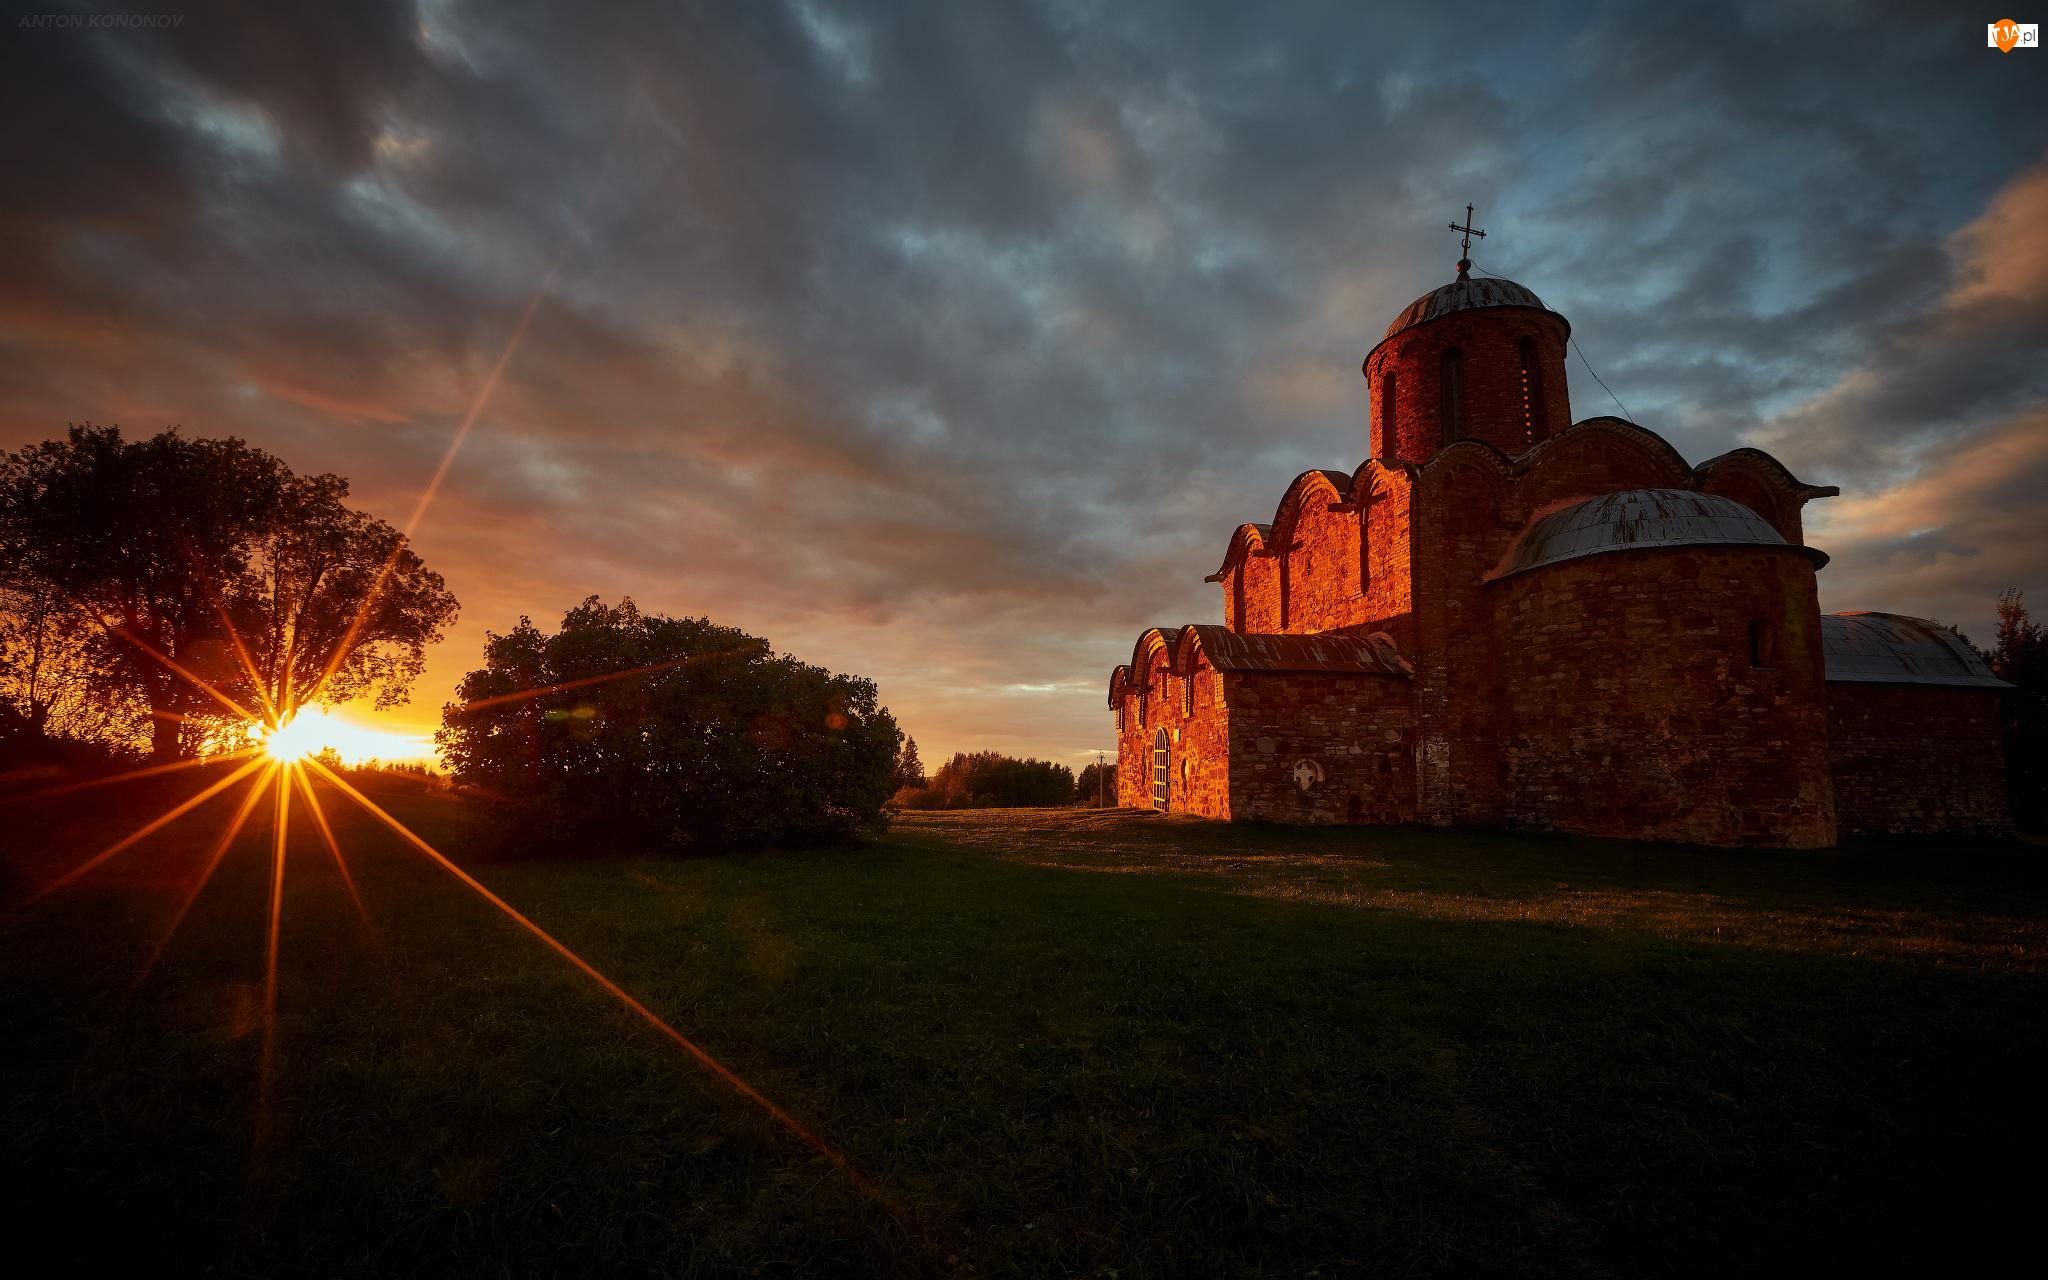 Promienie słońca, Cerkiew, Drzewa